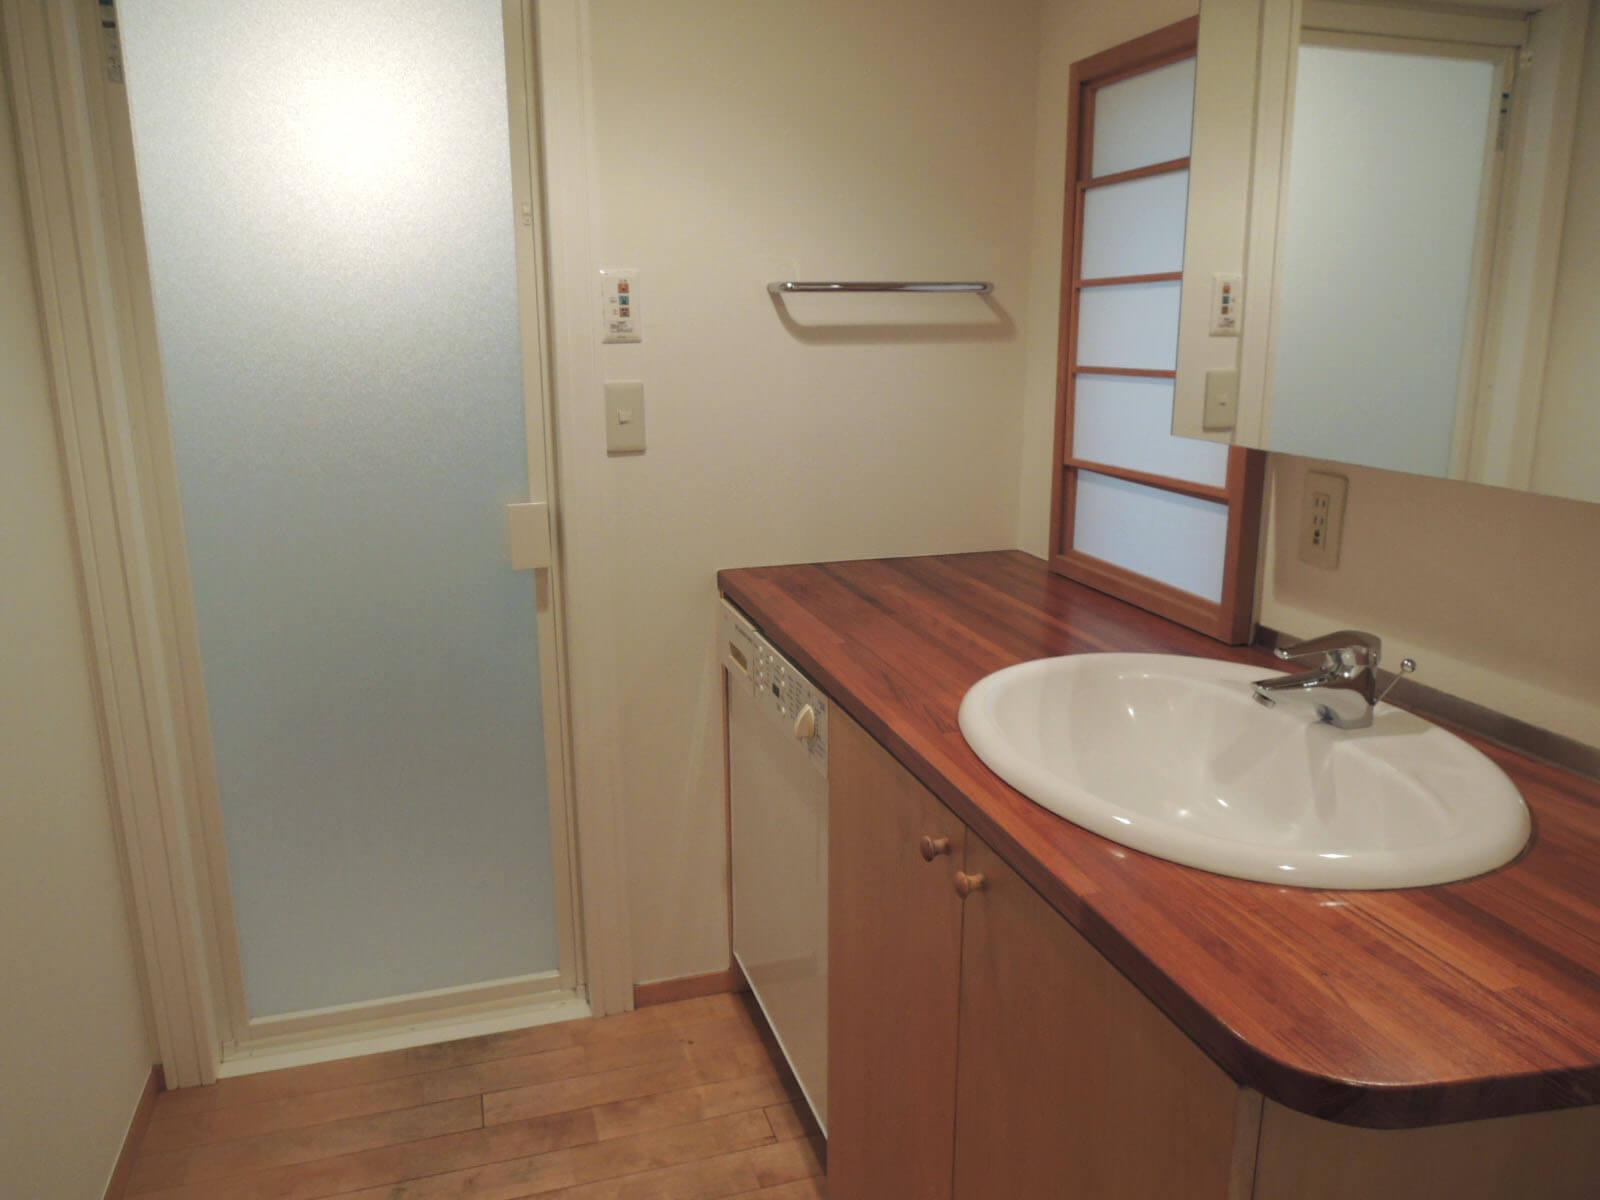 洗面台も木の天板に。洗濯機は残置物。